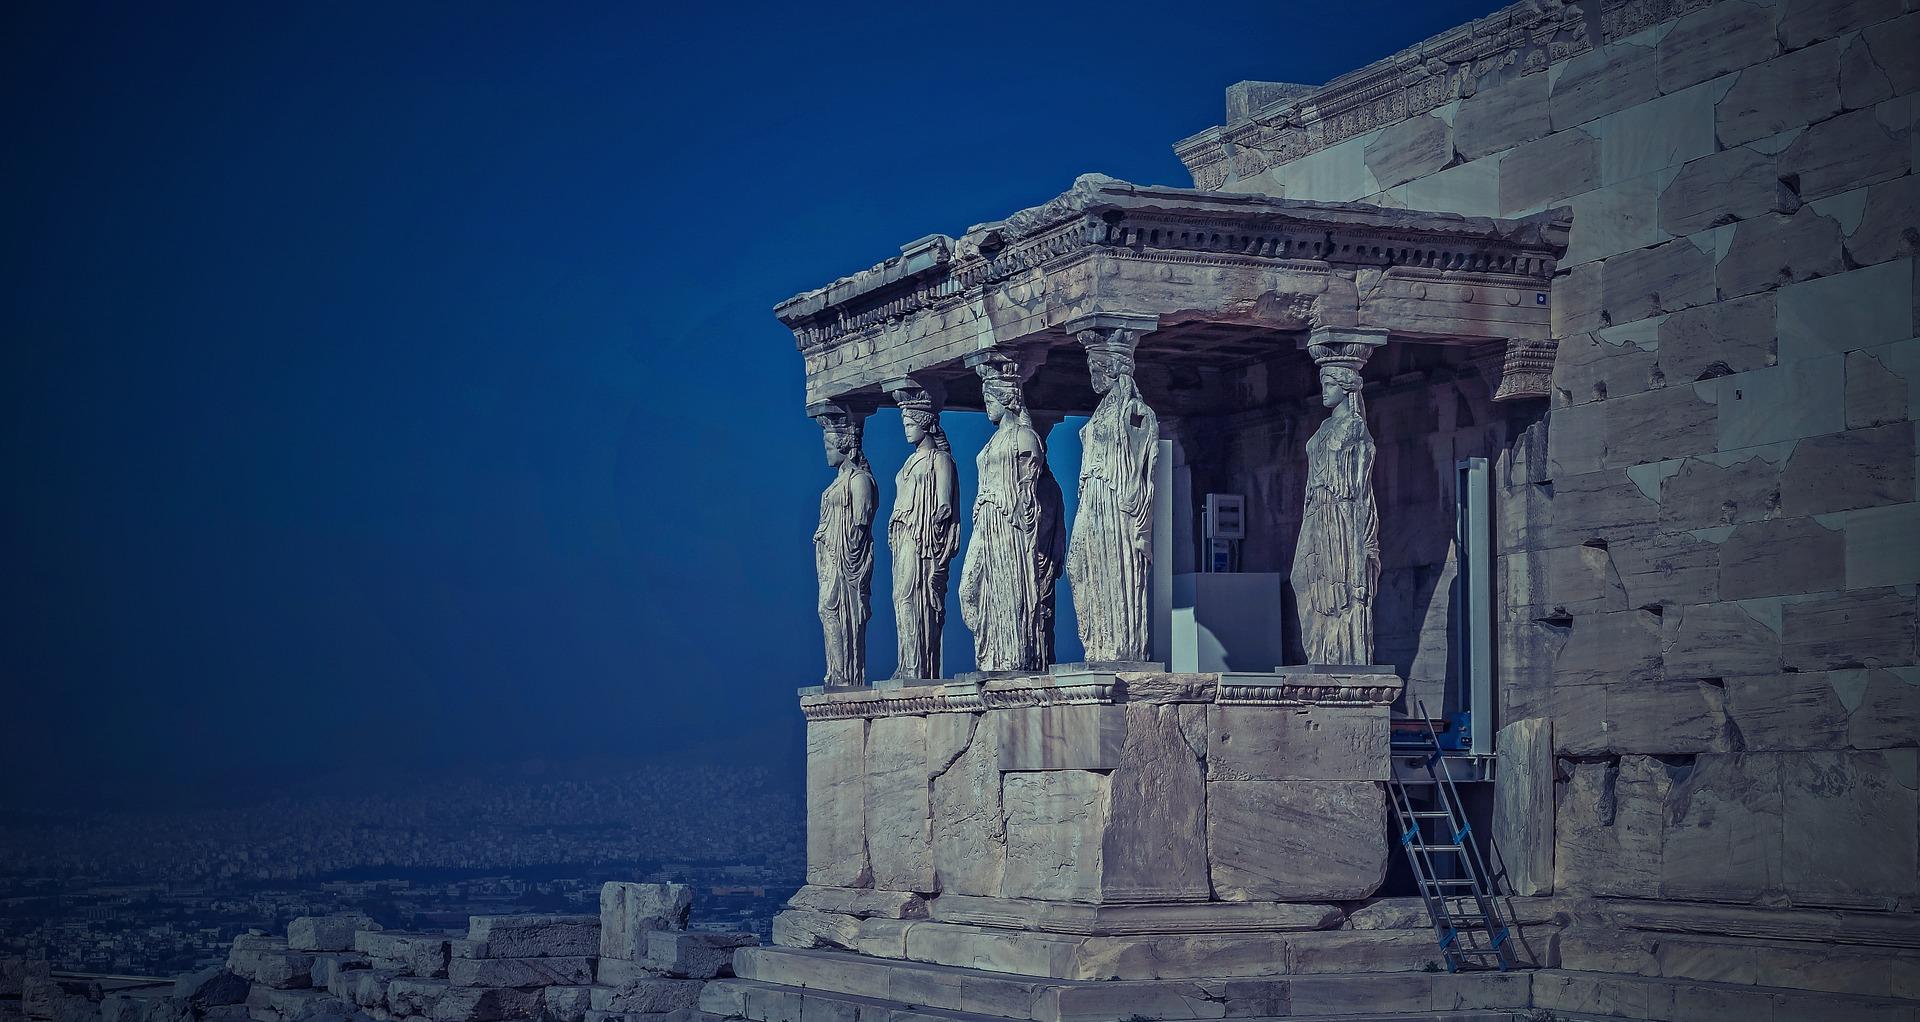 Grèce antique - Athène - Érechthéion